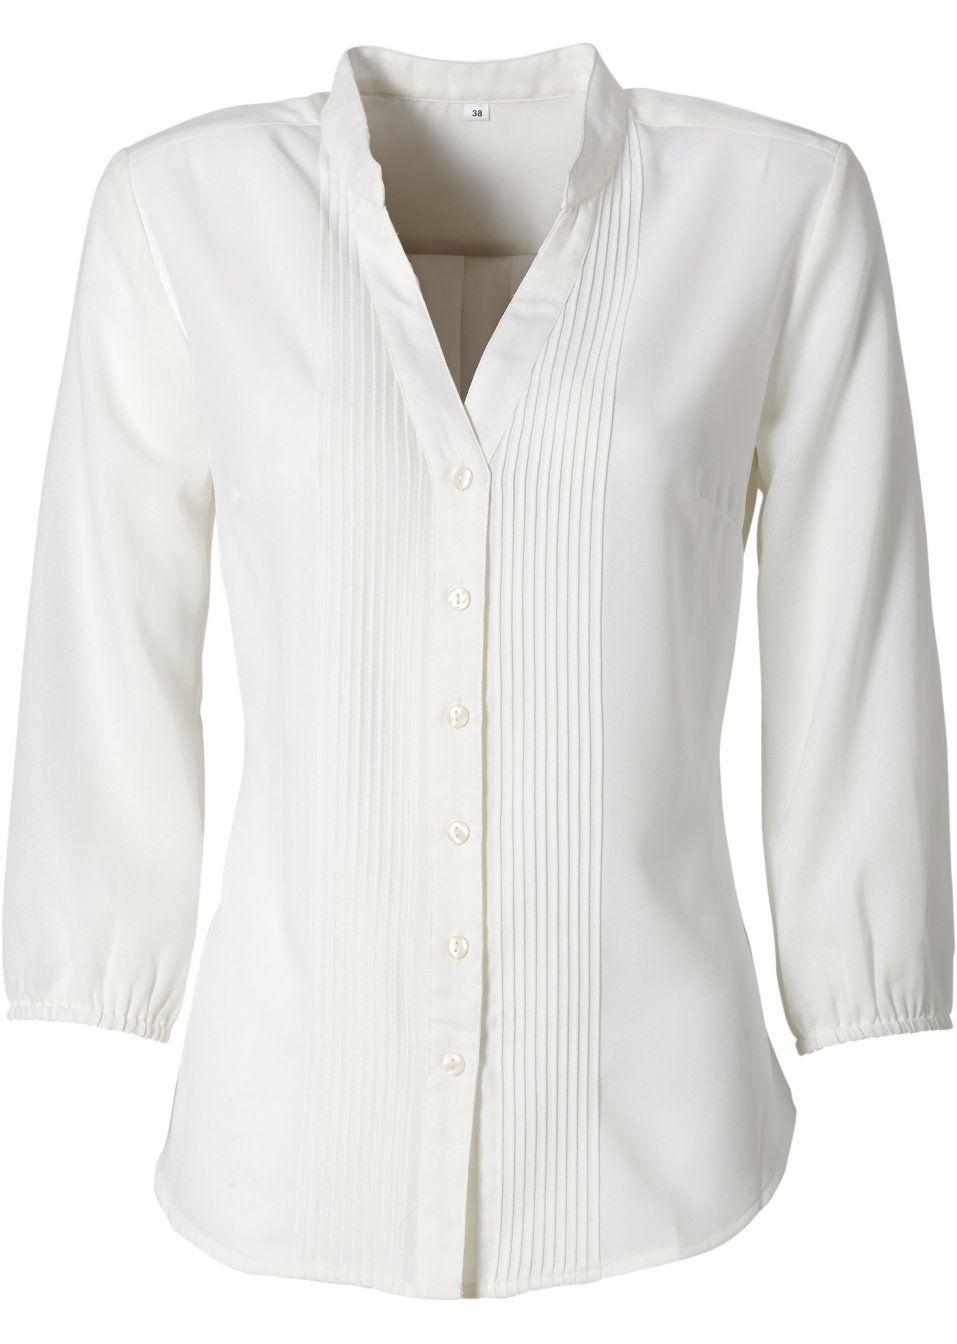 Veja agora:Camisa no modelo gola de padre mangas 3/4 com elástico e ...